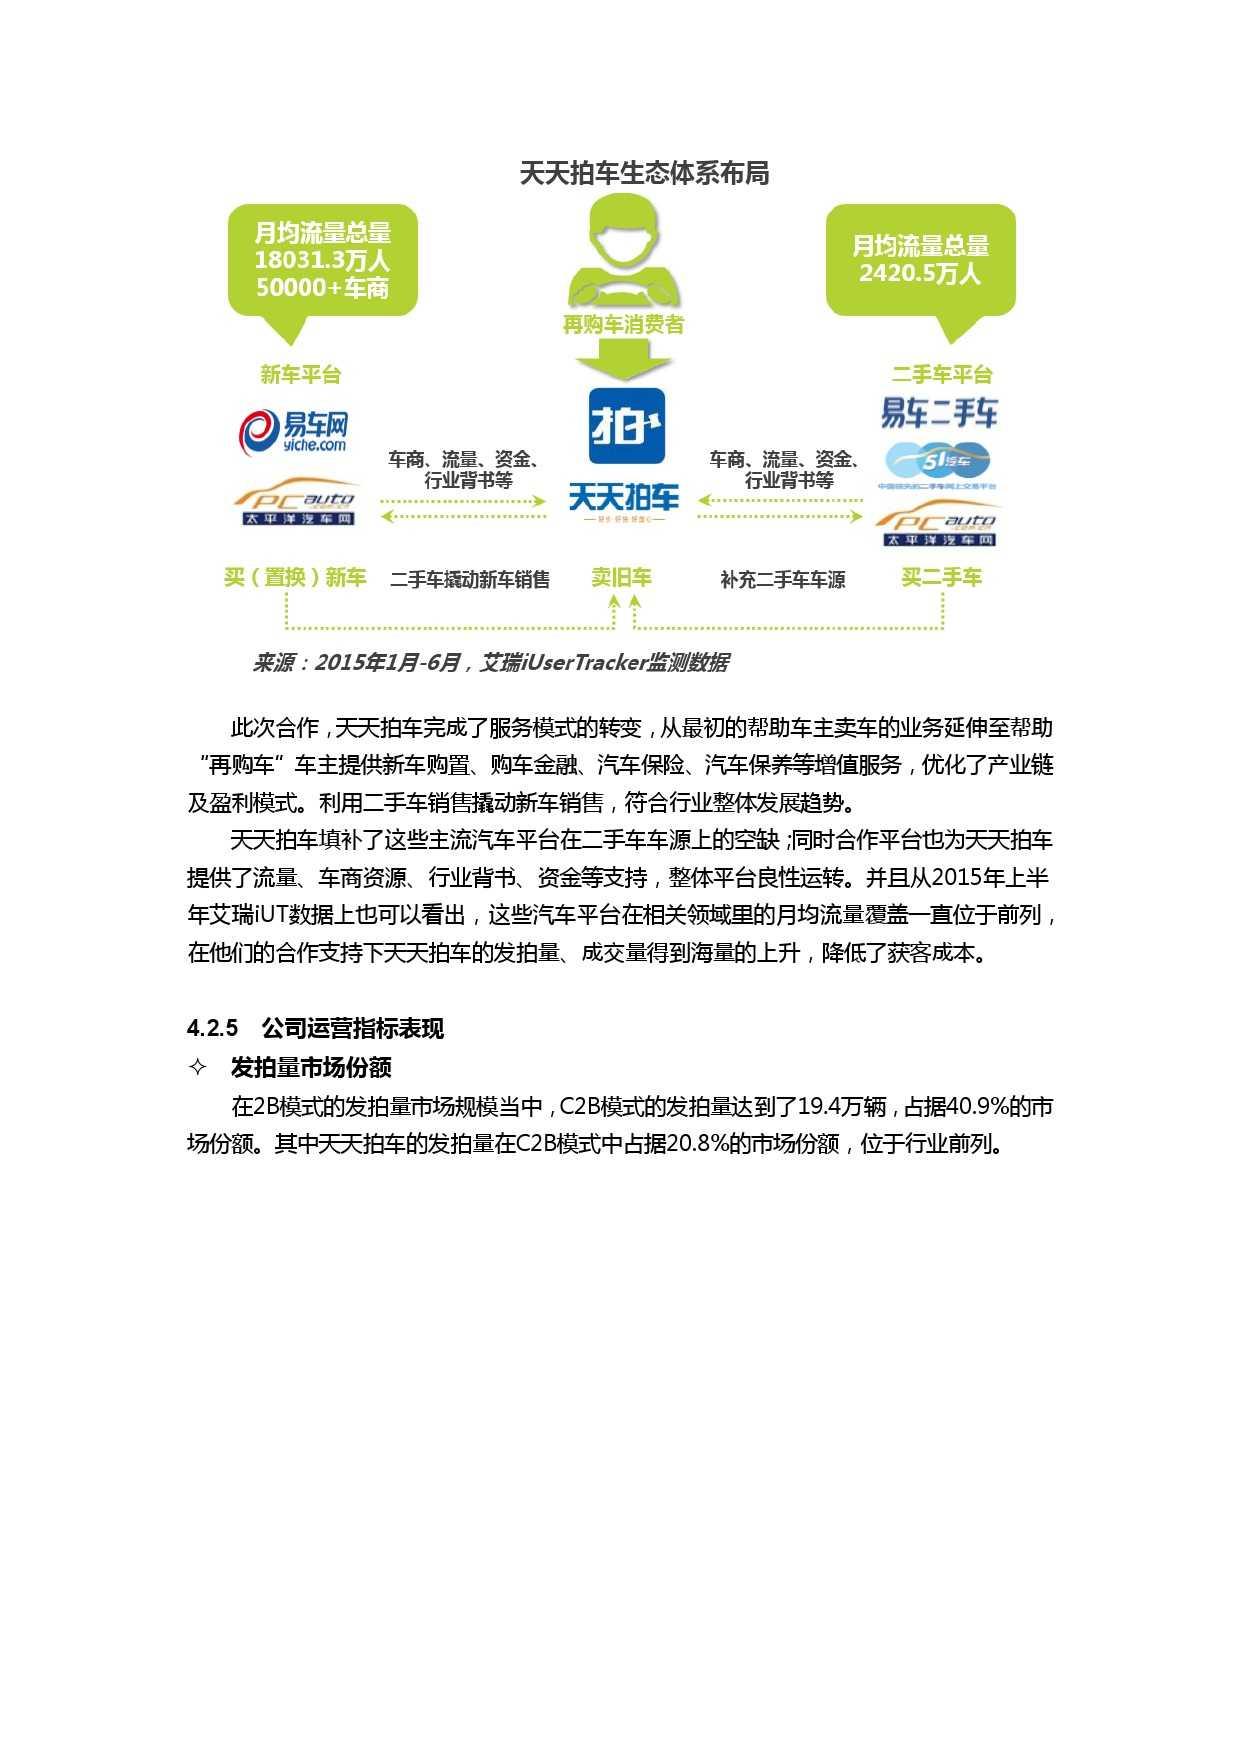 2015年中国二手车电子商务行业白皮书-上游篇_000049